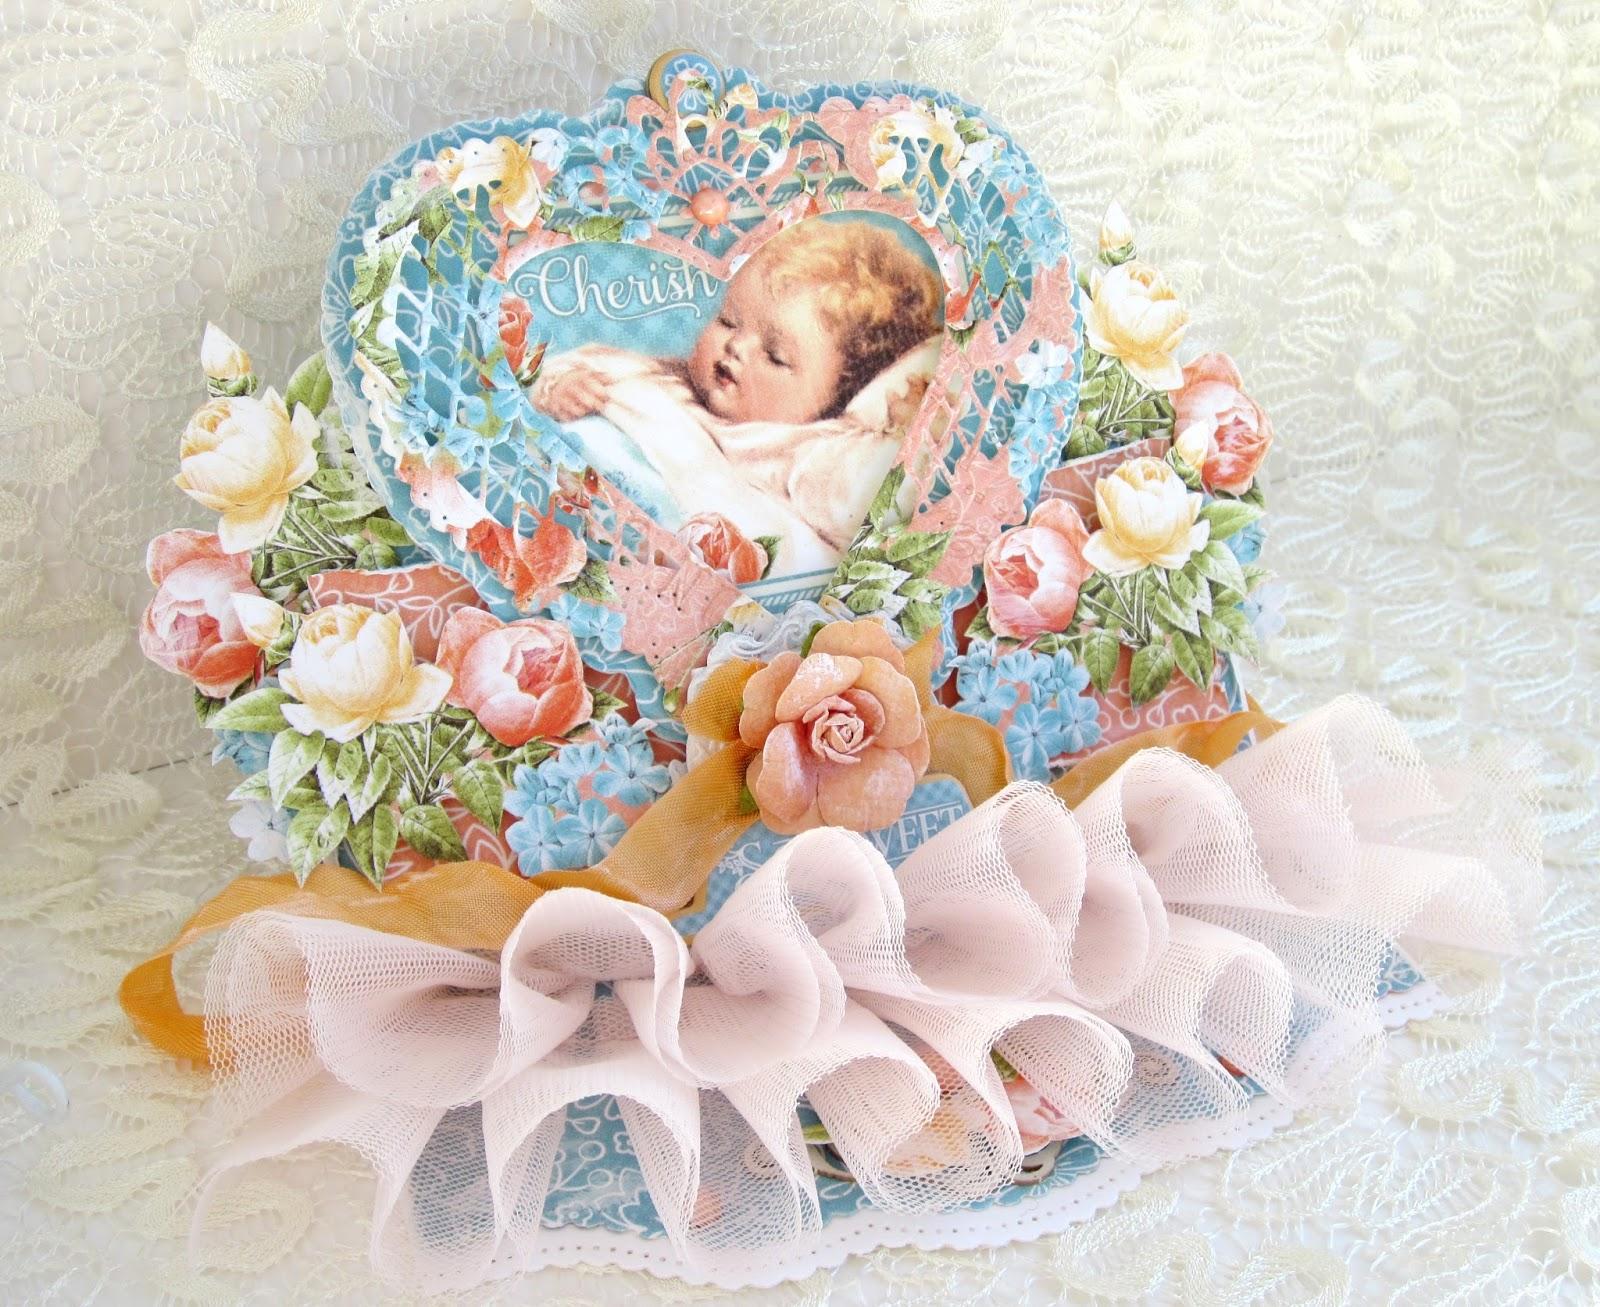 Красивые аниме картинки на аватарку — скачать, смотреть, бесплатно 30 май,  поздравление с рождением дочки с новорожденным картинки поздравляю c рождением доченьки!